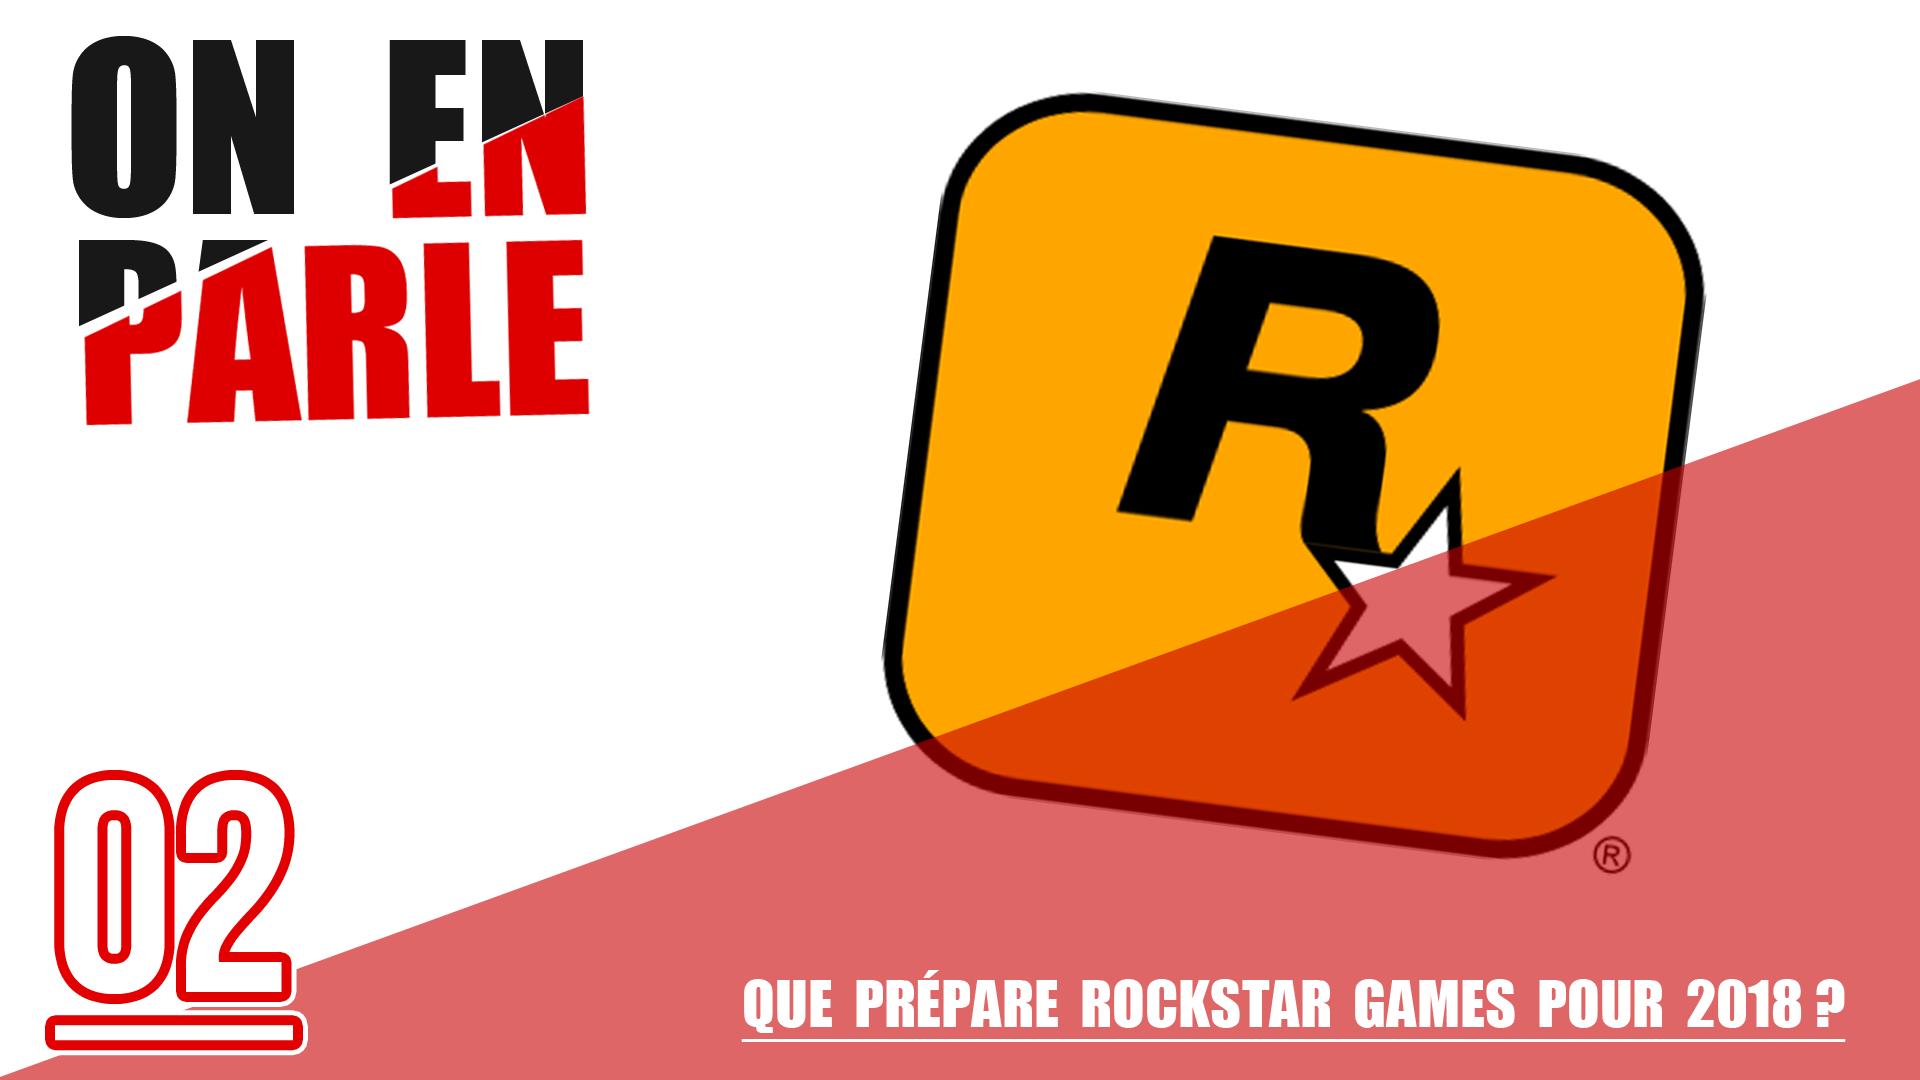 Que prépare Rockstar Games pour 2018 ? On en parle sur rockstar Mag